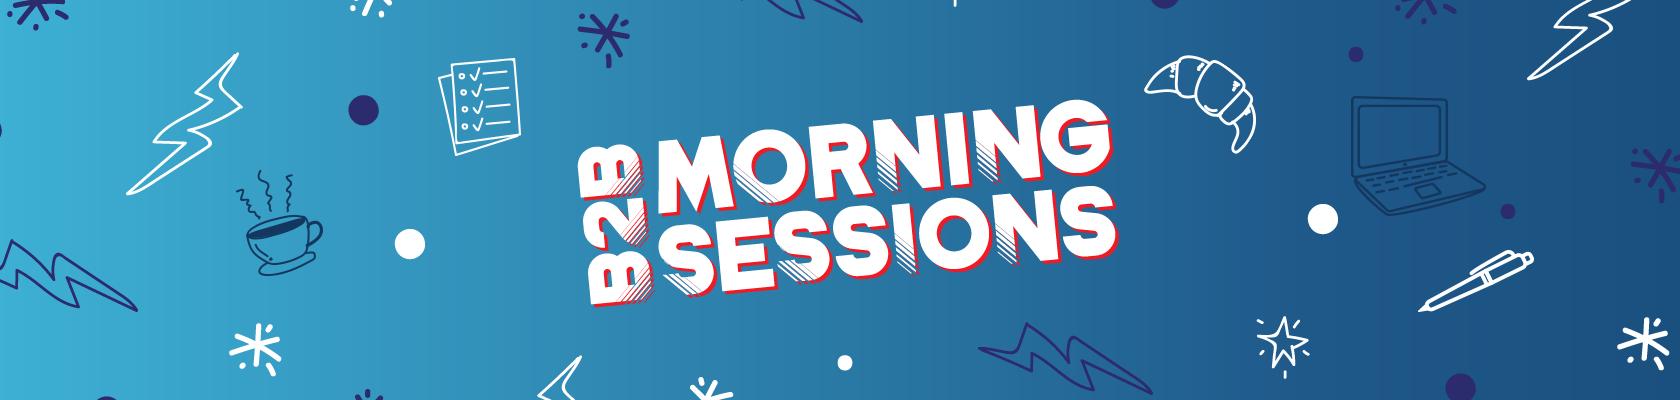 morningsessions_banner_header_website_v3